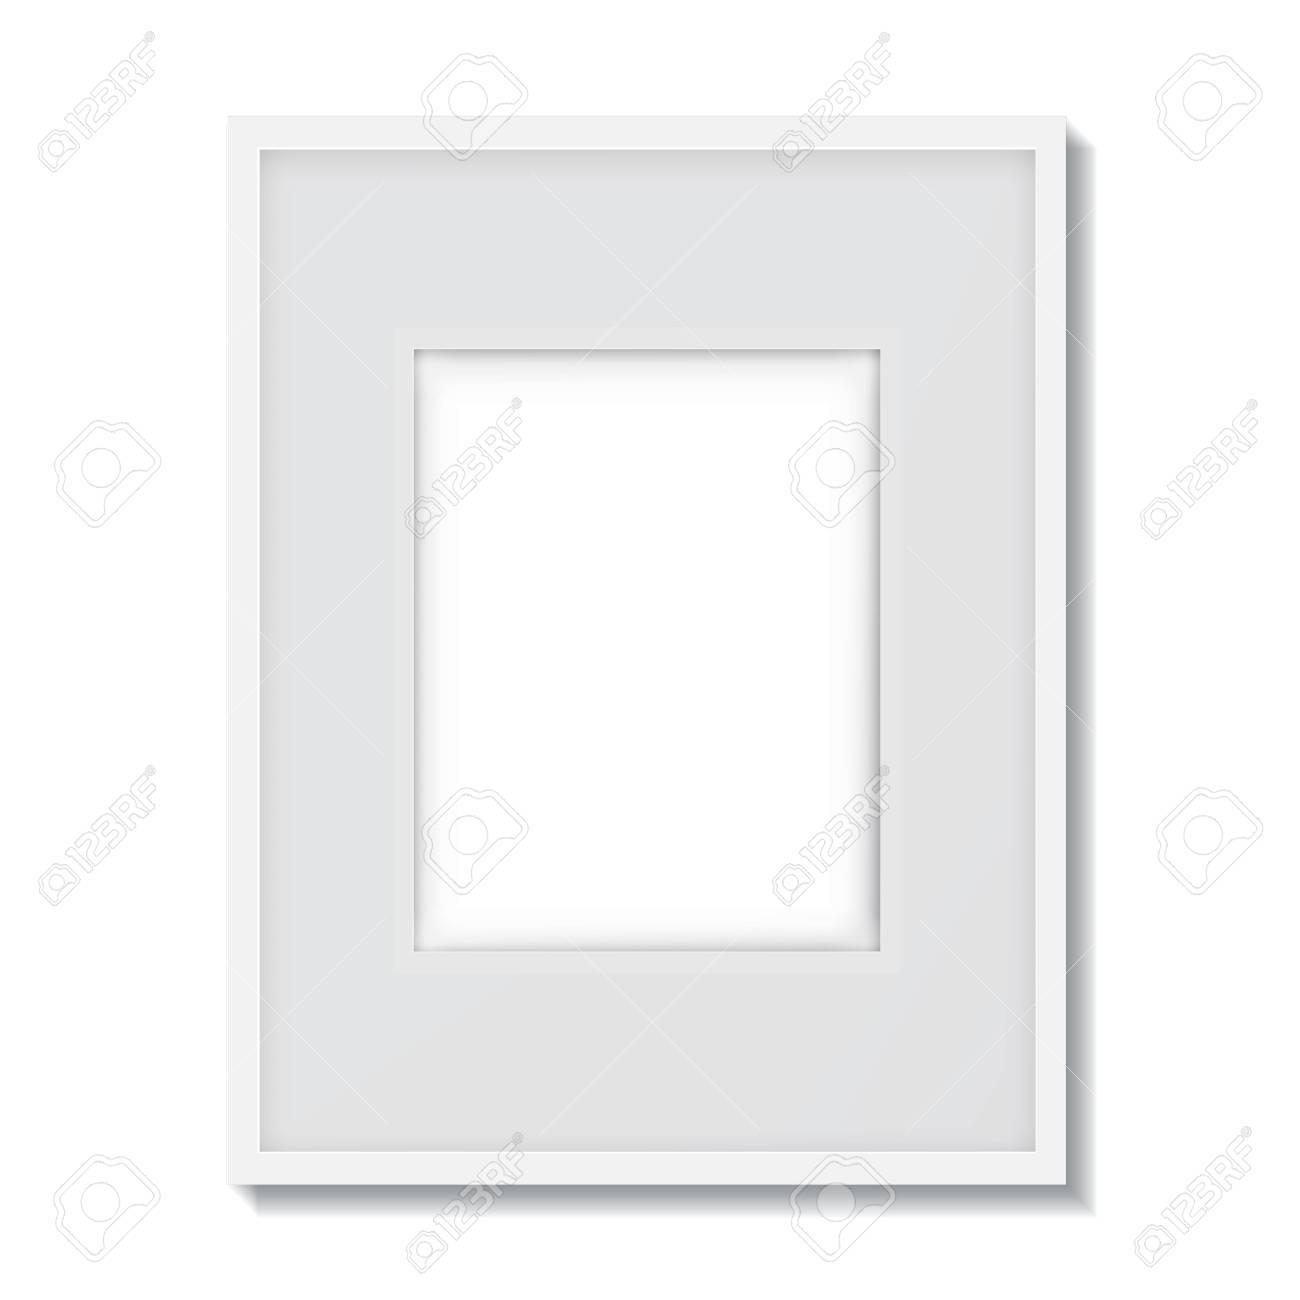 Berühmt 11x18 Bildrahmen Zeitgenössisch - Benutzerdefinierte ...